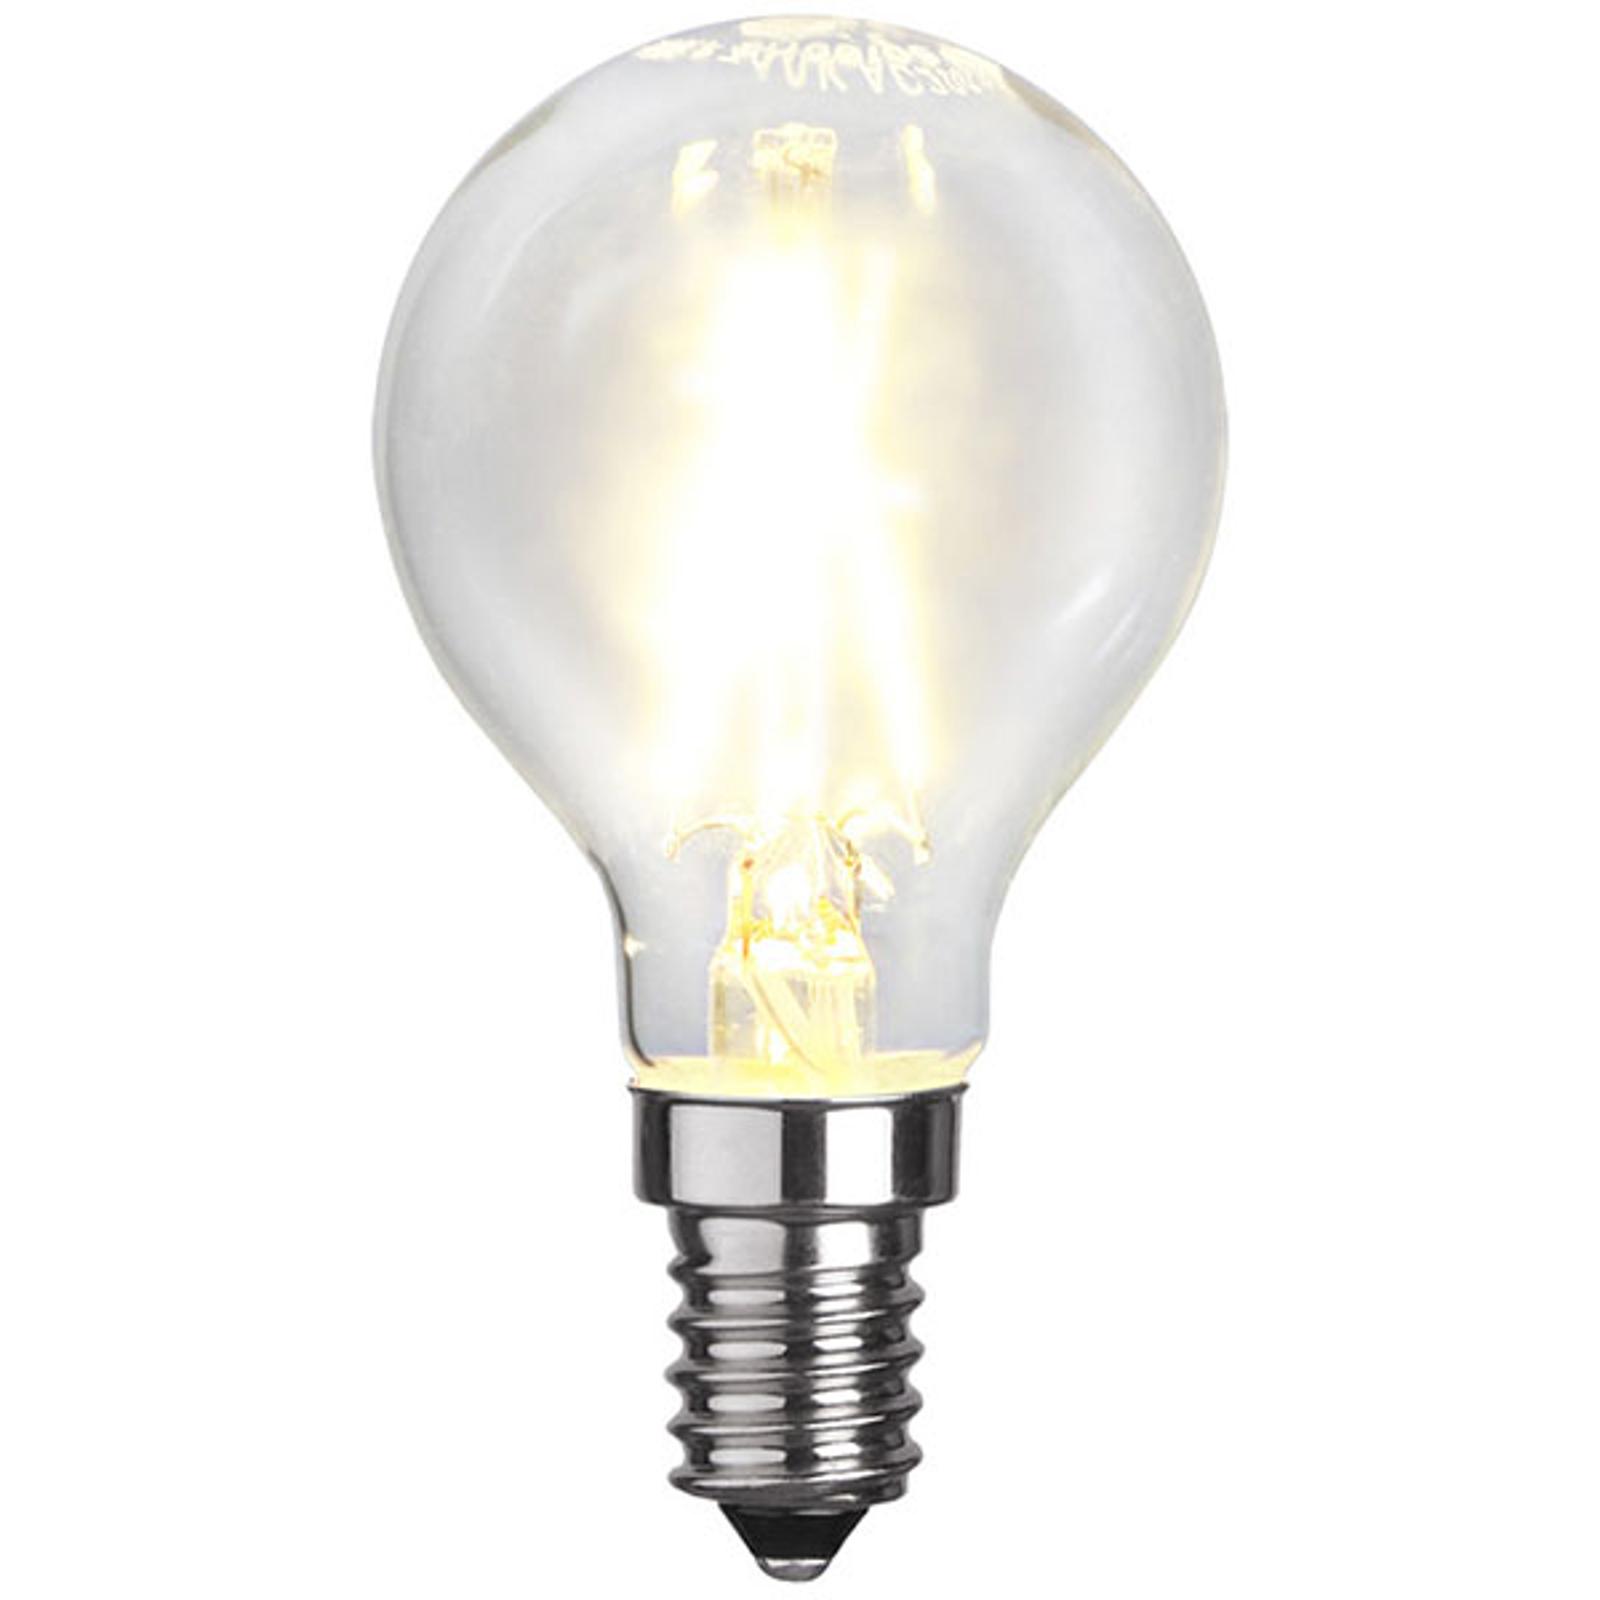 Golf ball LED bulb E14 P45 2W 2,700 K filament_1523876_1